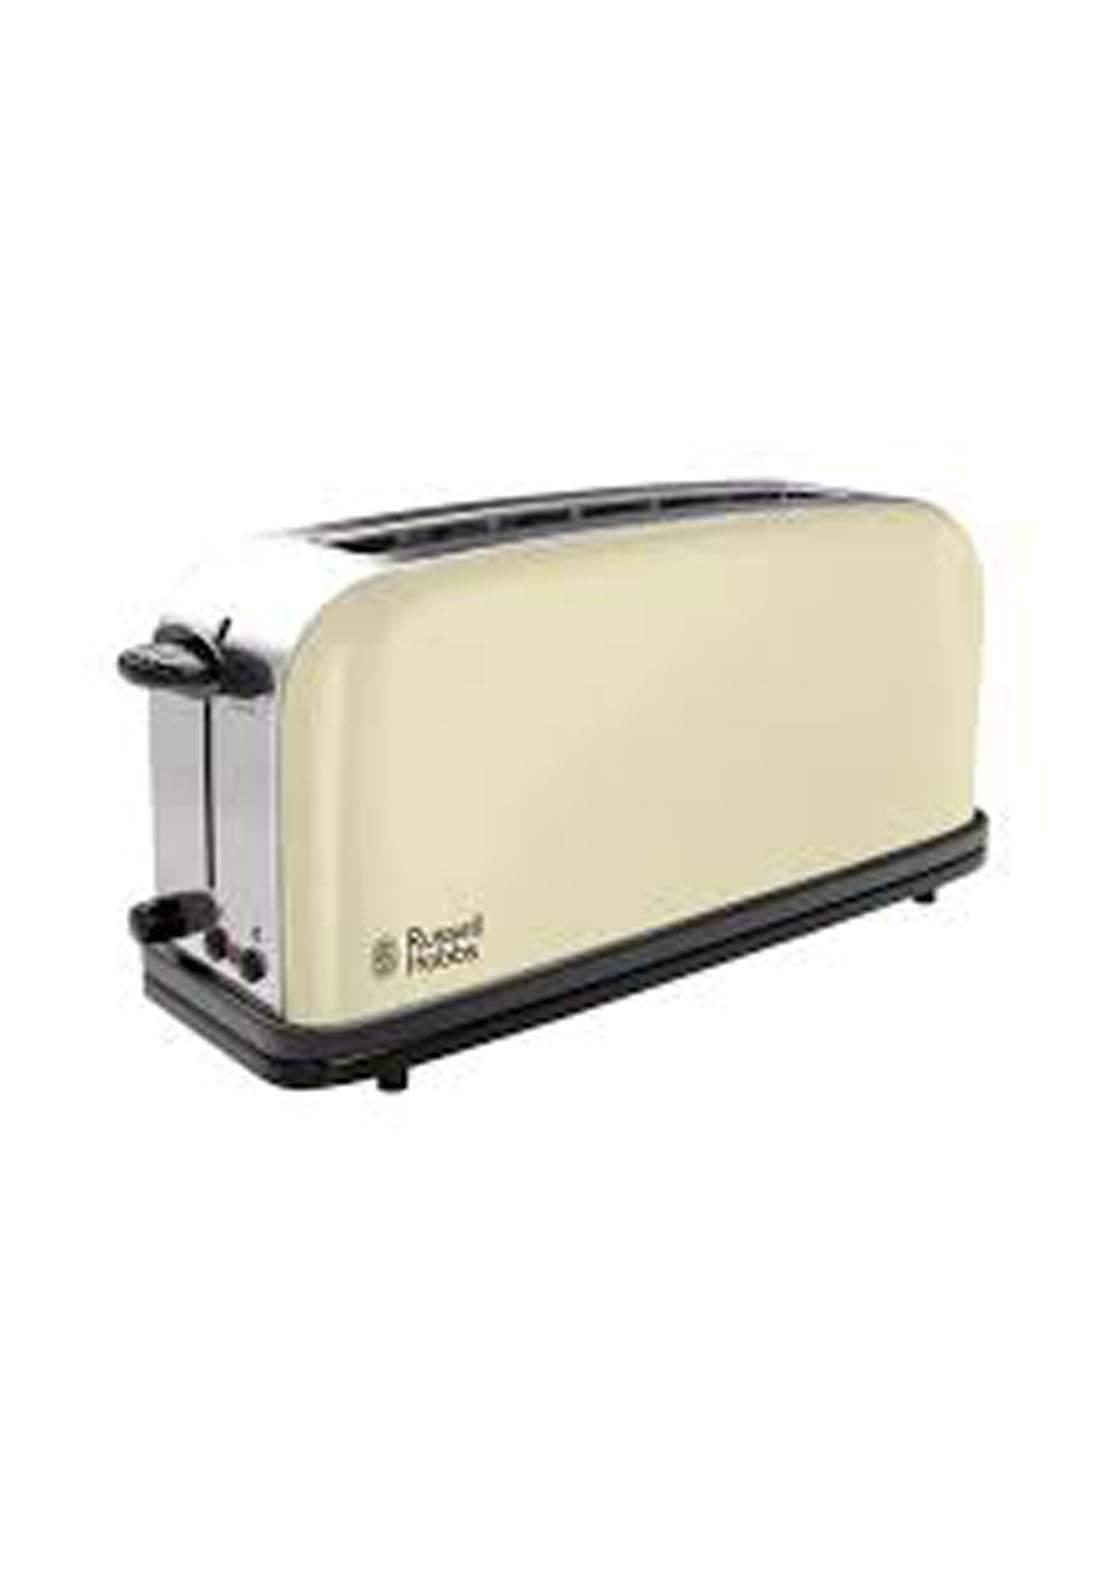 Russell hobbs 21395 Toaster محمصة